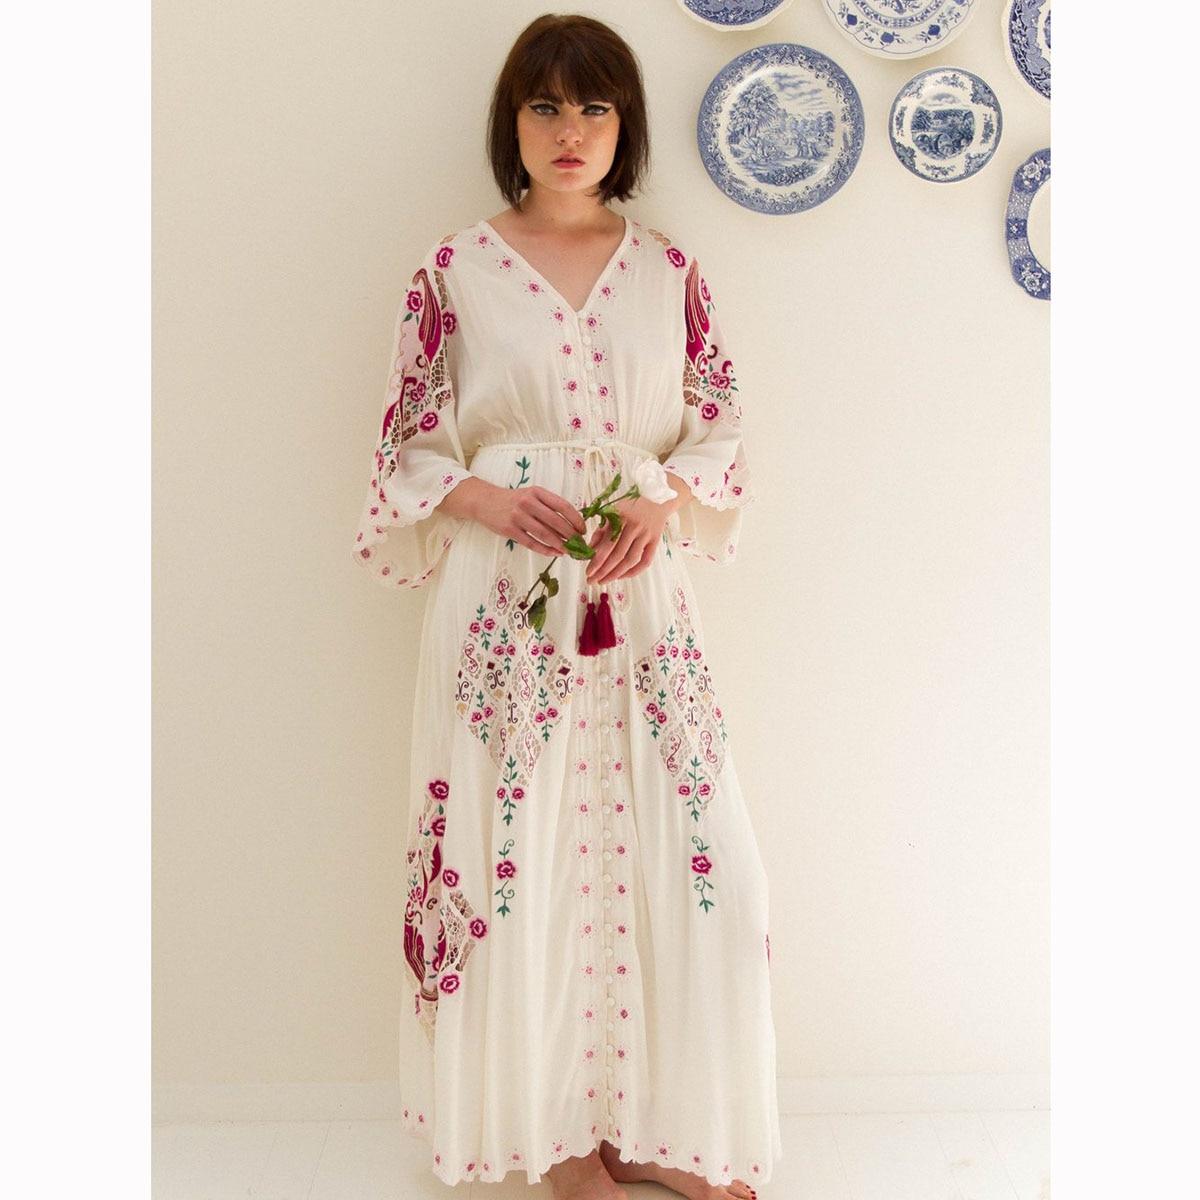 Ethnique Floral Maxi robe femmes 3/4 manches évasées à manches longues Chic lâche robes dames 2019 été Boho plage Hippie longue robe